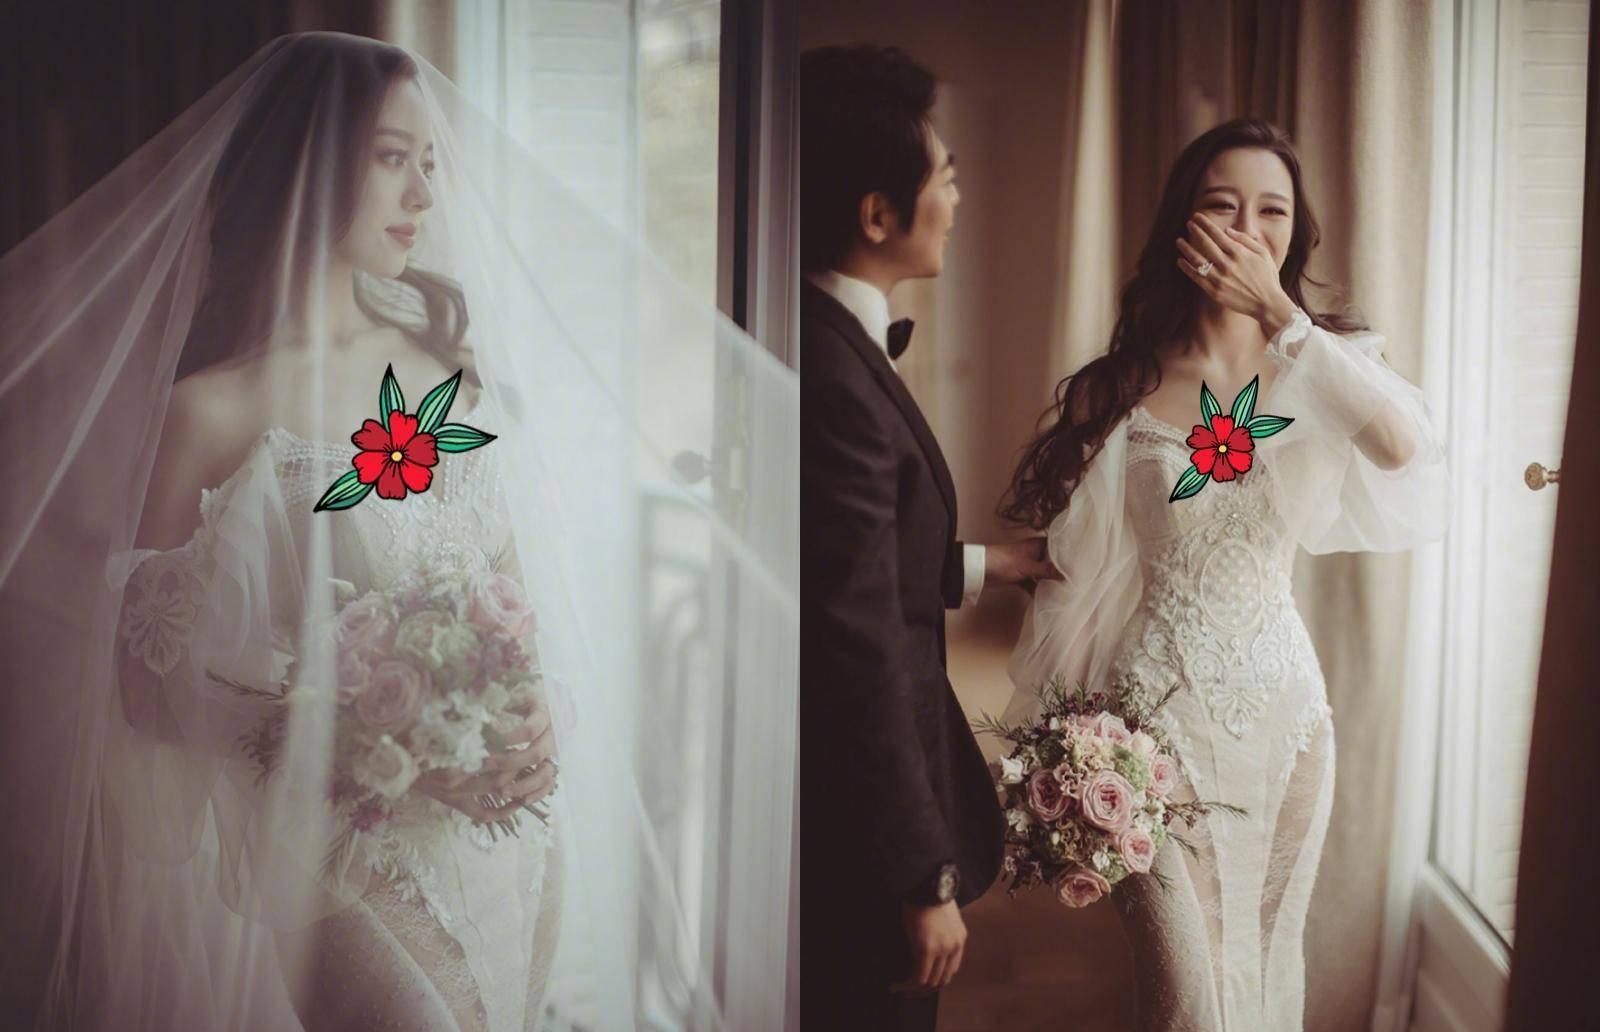 郎朗宣布结婚究竟什么情况?郎朗婚礼视频是怎么一回事?